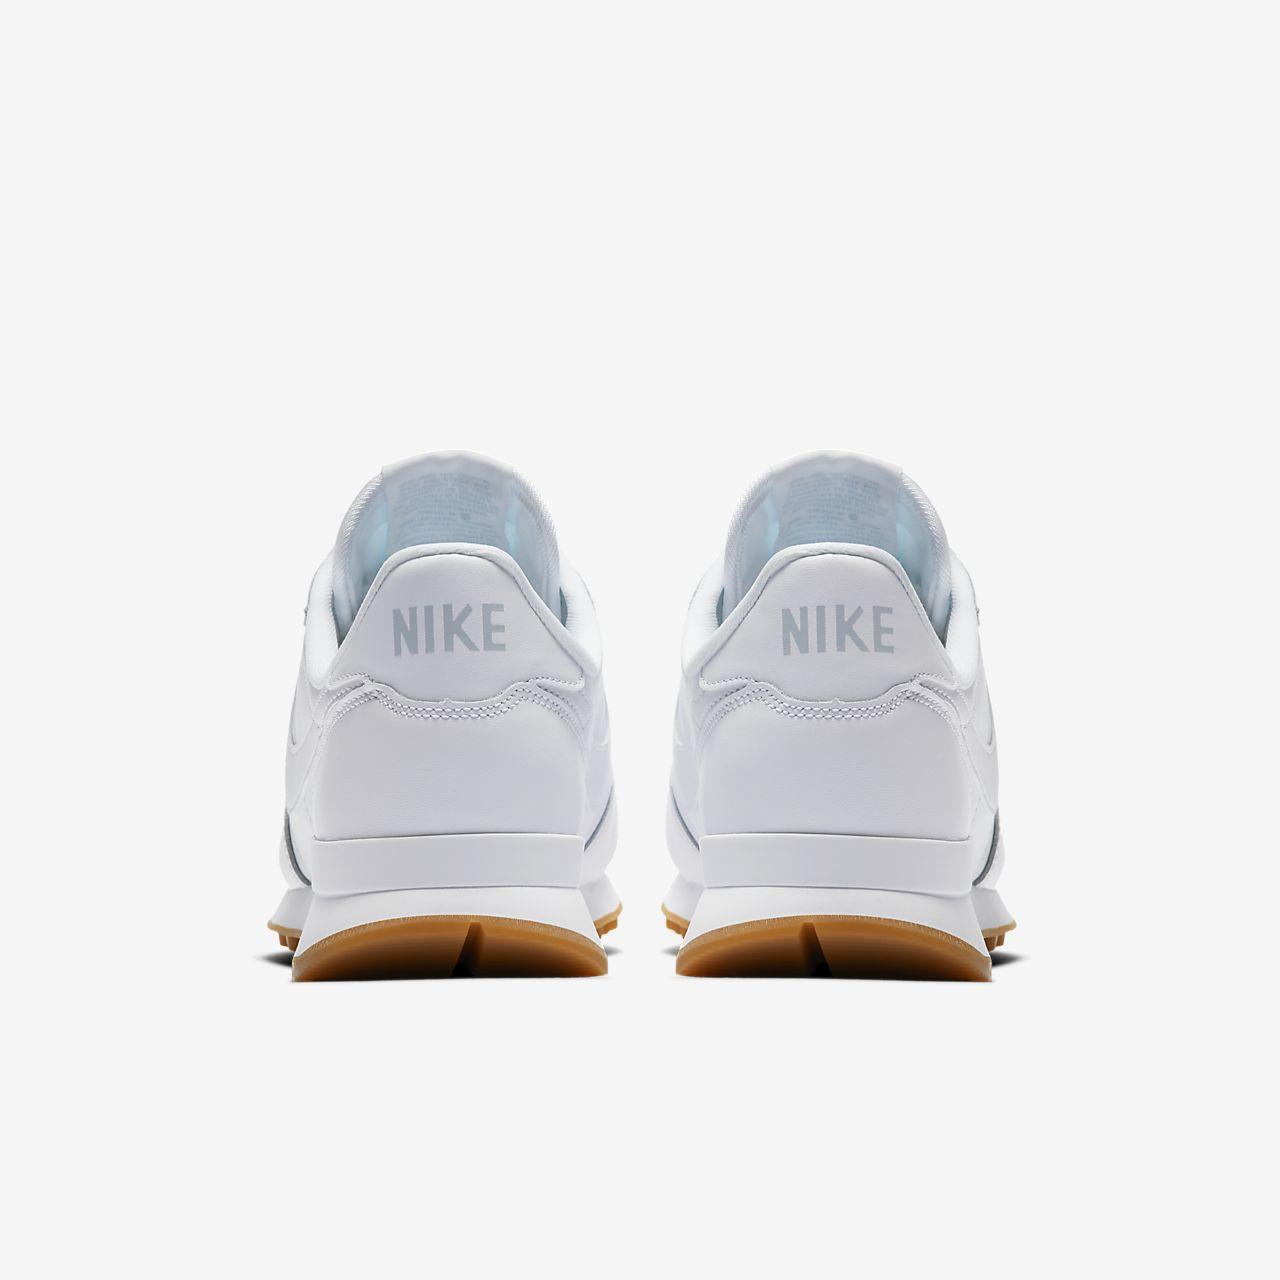 best website 8f448 9e302 Low Resolution Nike Internationalist Women s Shoe Nike Internationalist  Women s Shoe